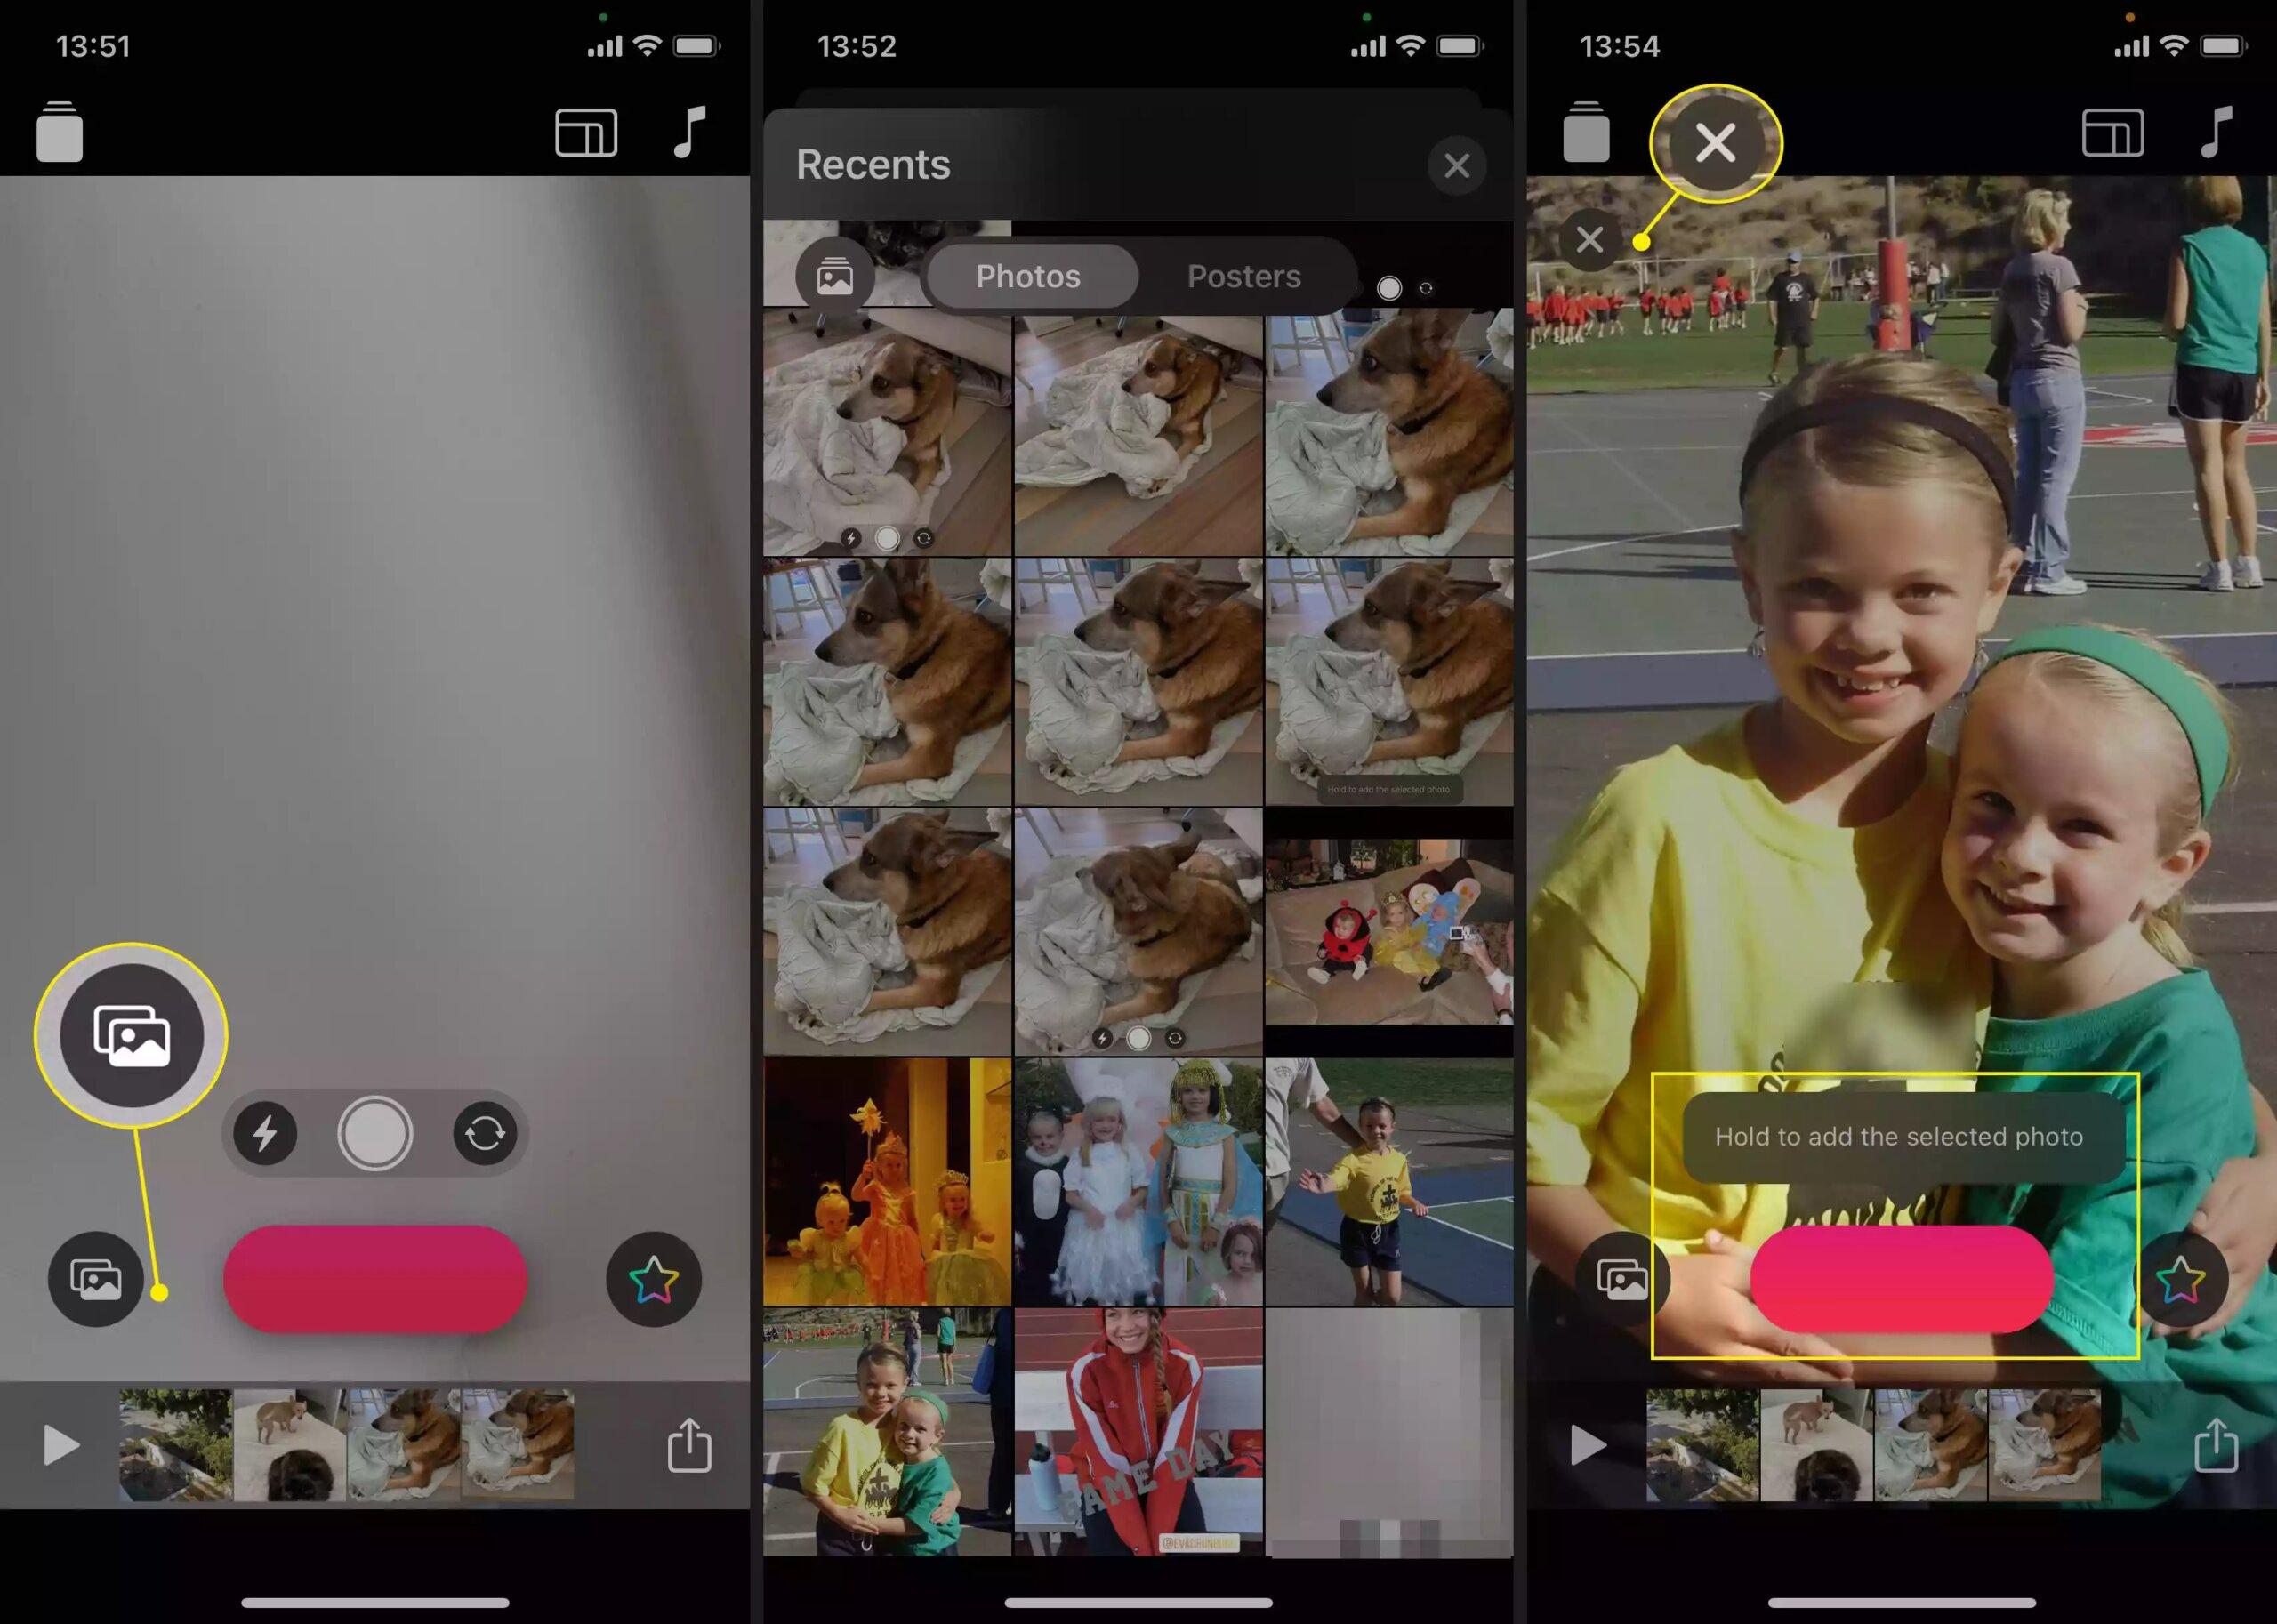 Cách làm video trên iPhone bằng app Clips có sẵn 21